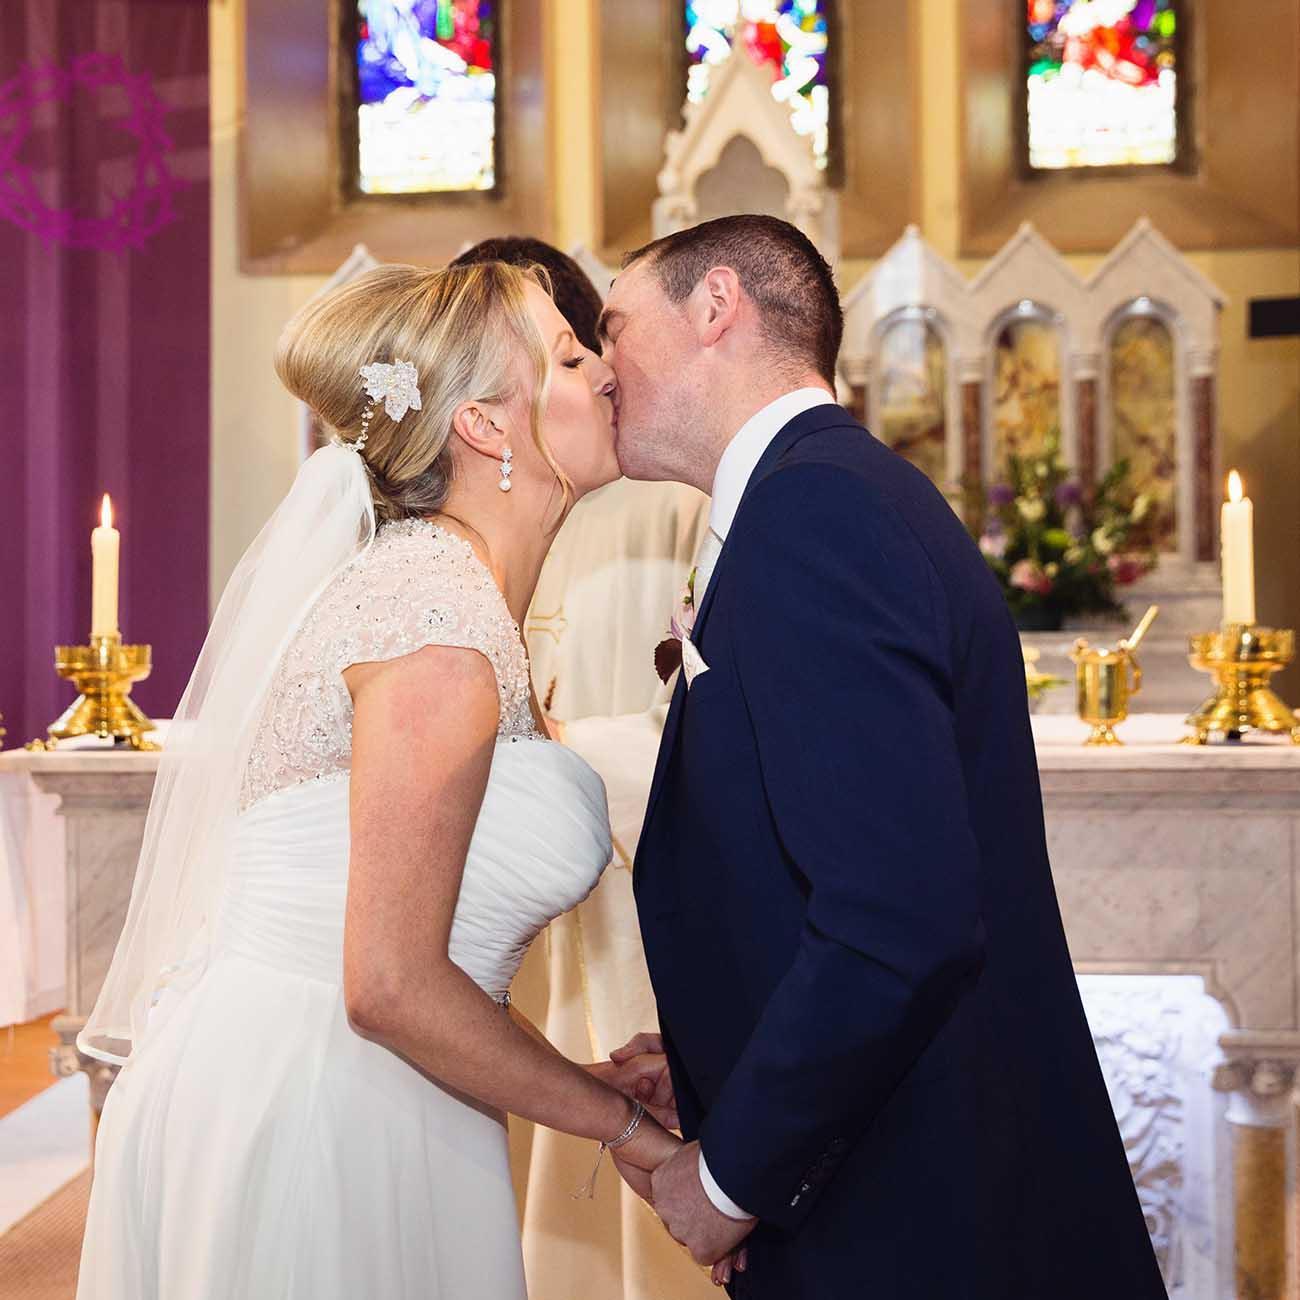 Cabra-castle-wedding-28